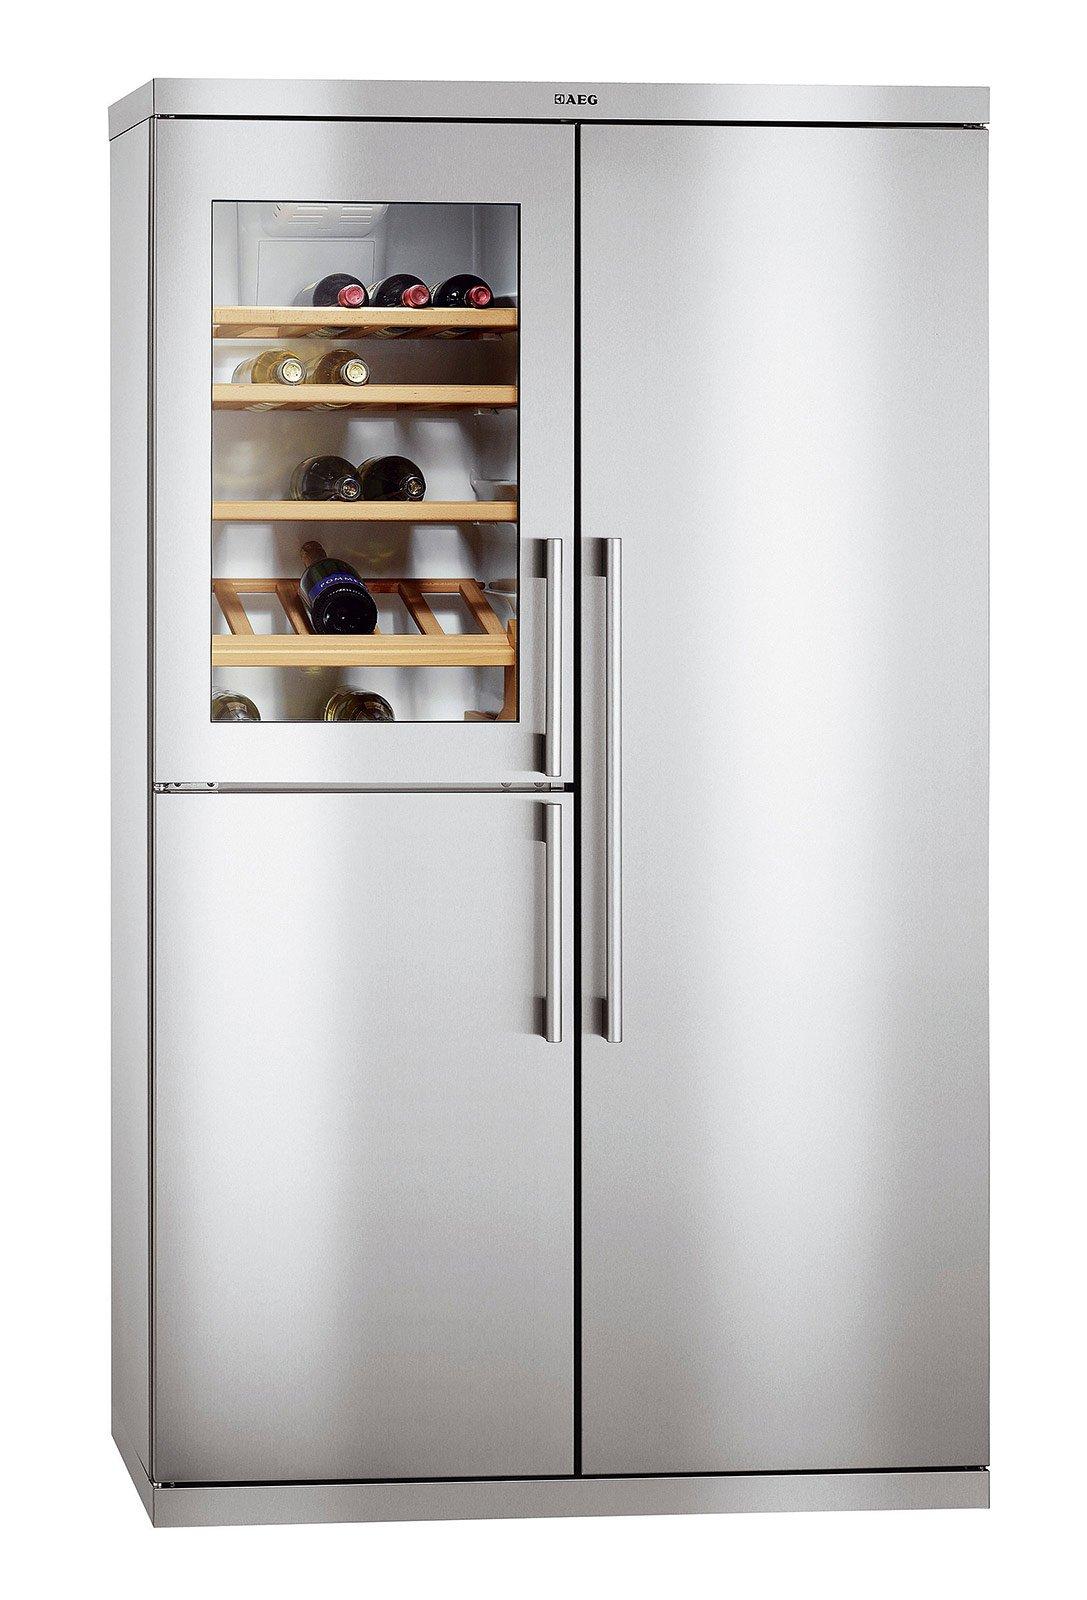 Cantinette per la tua enoteca privata cose di casa - Temperatura freezer casa ...